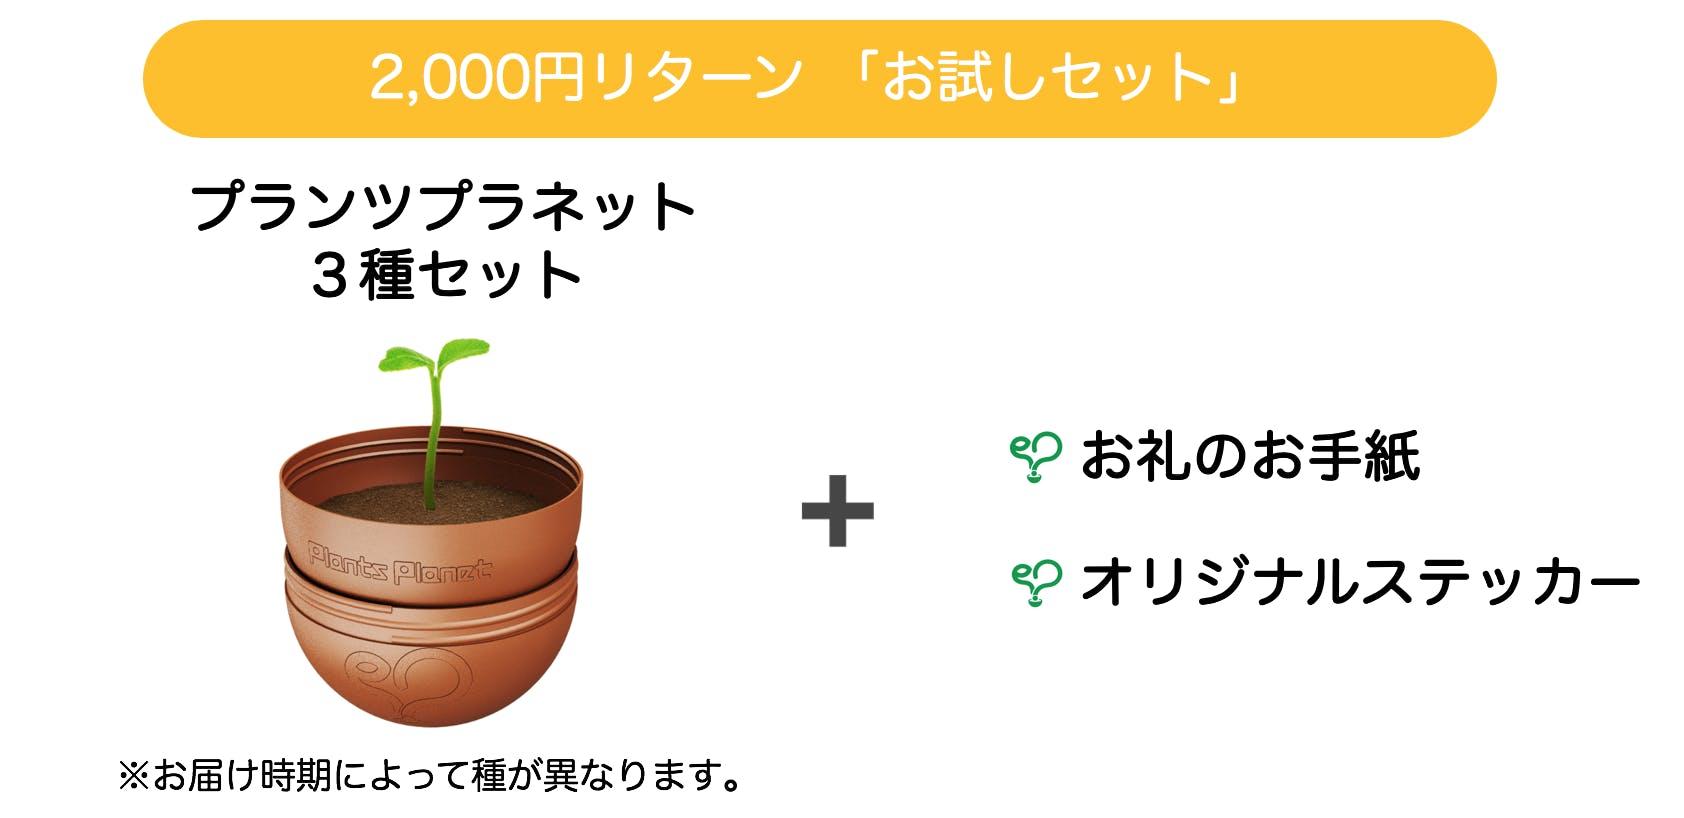 2000円リターン